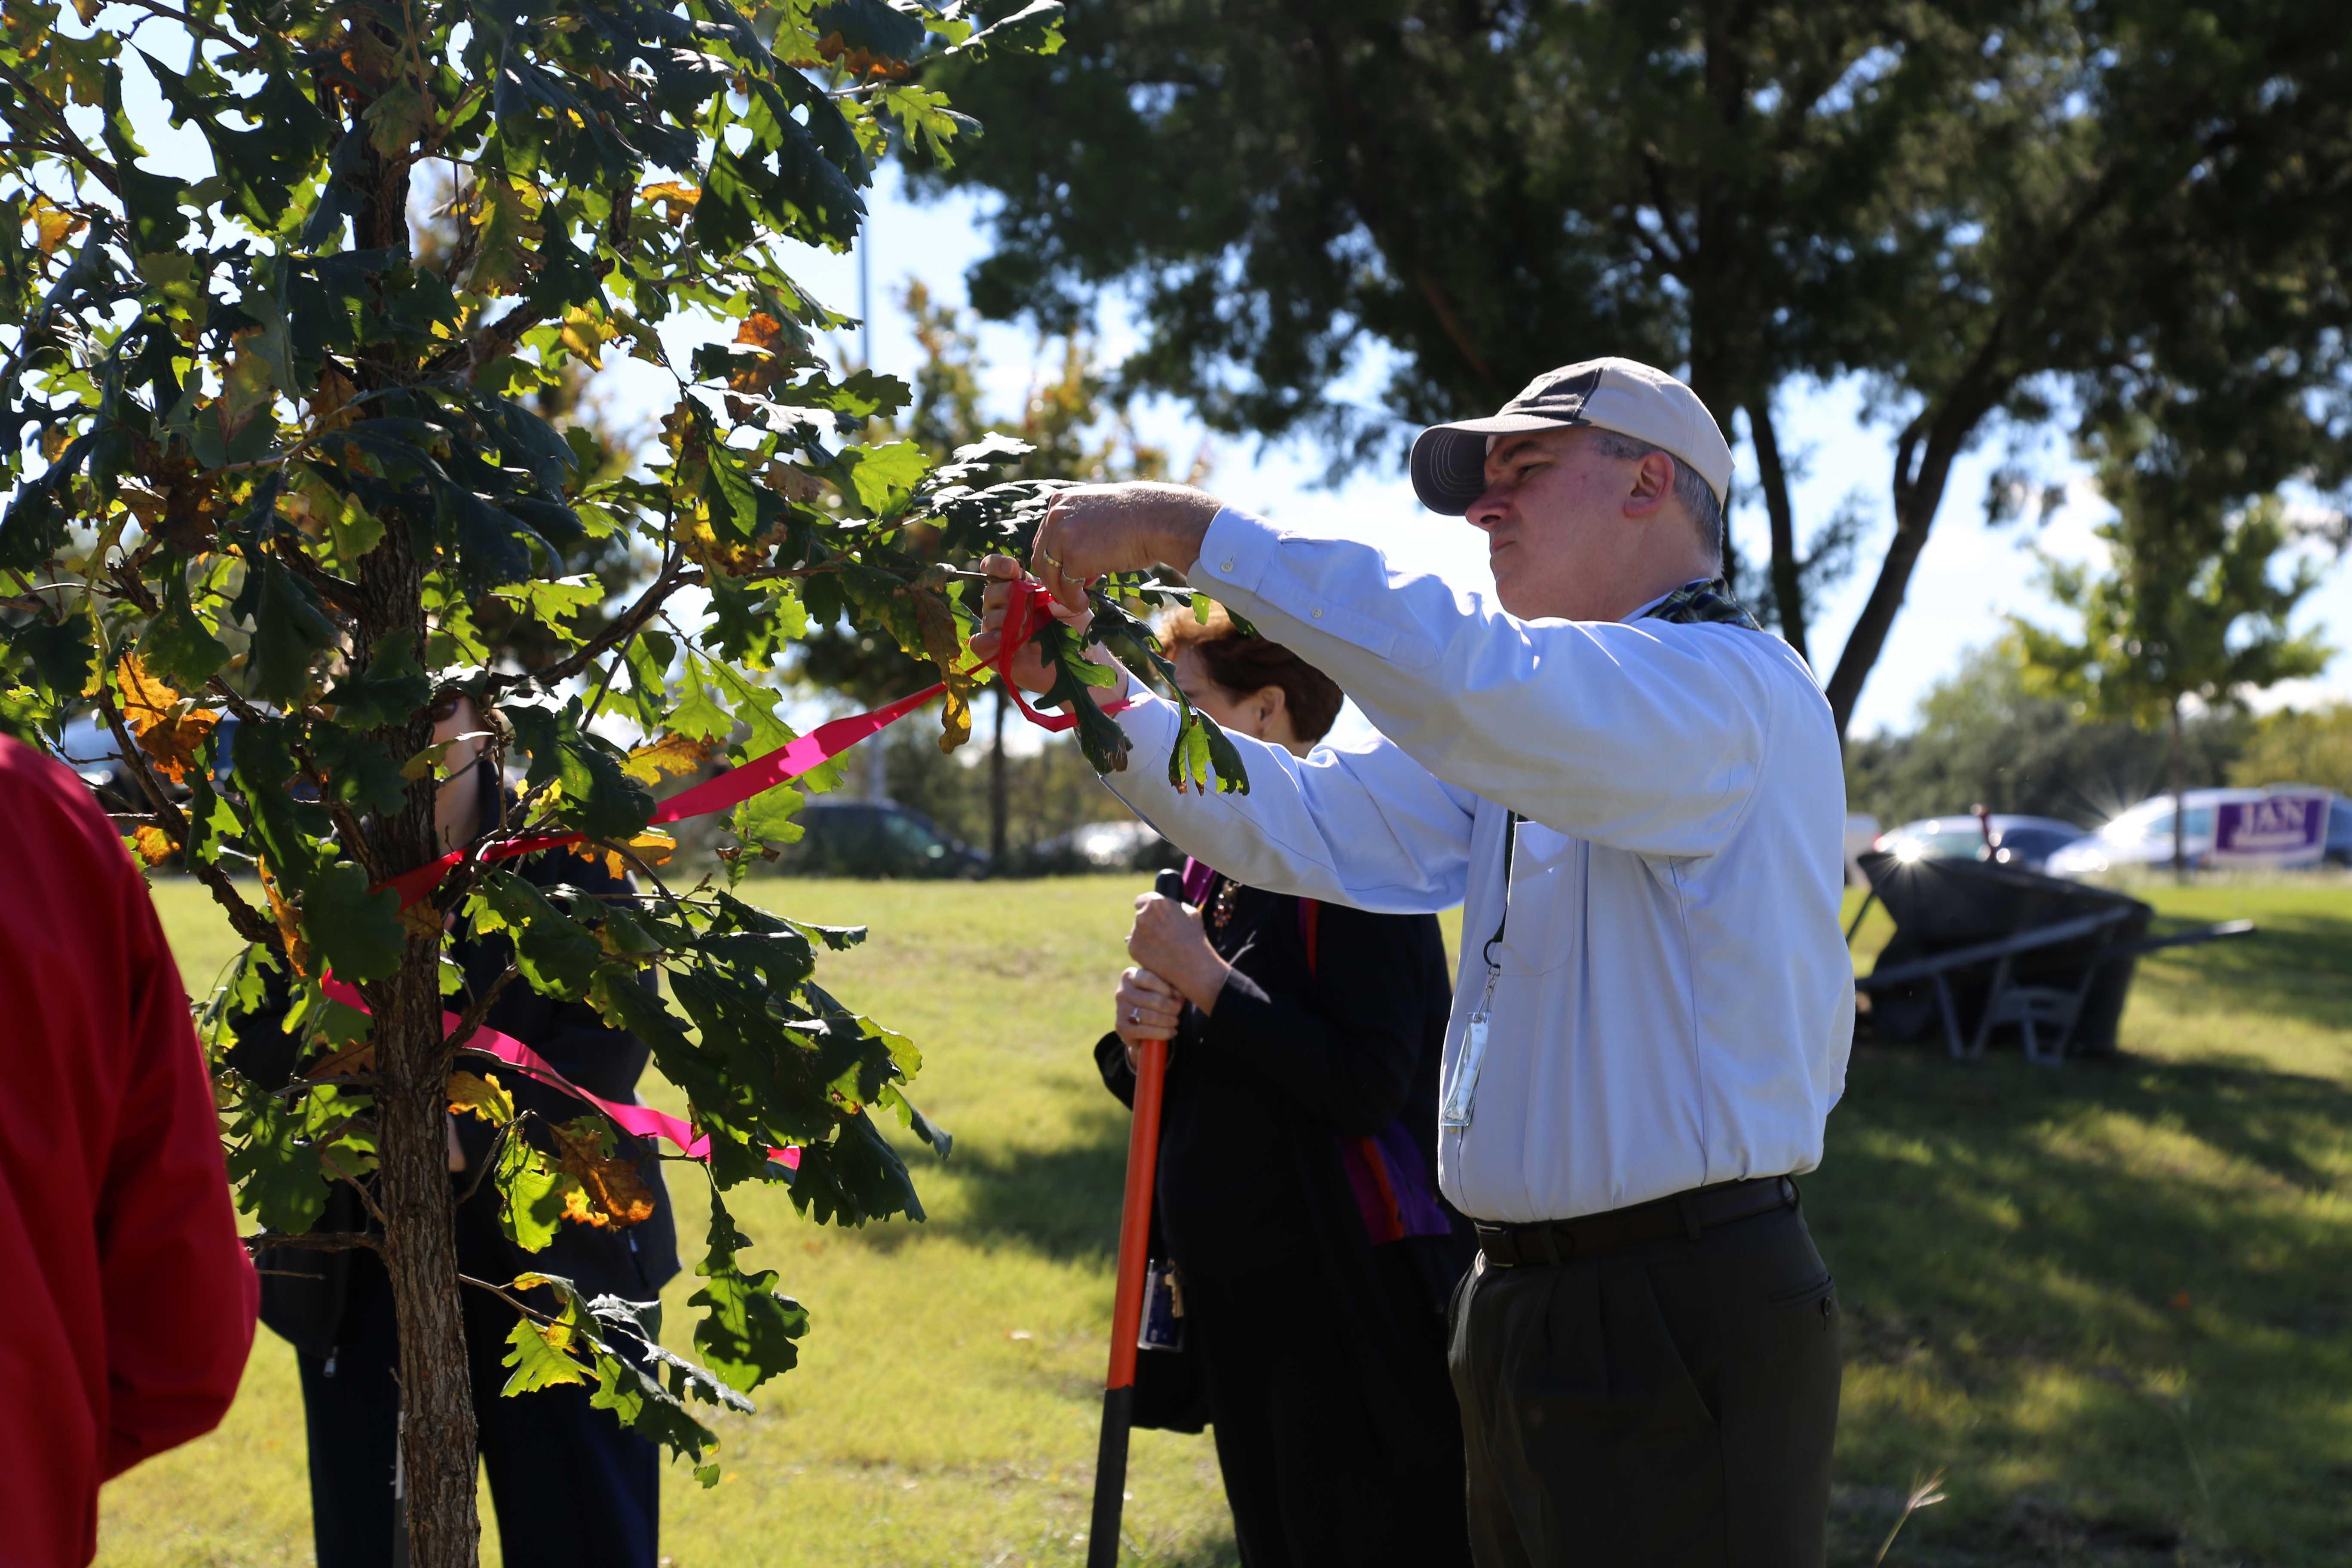 Campus celebrates Arbor Day